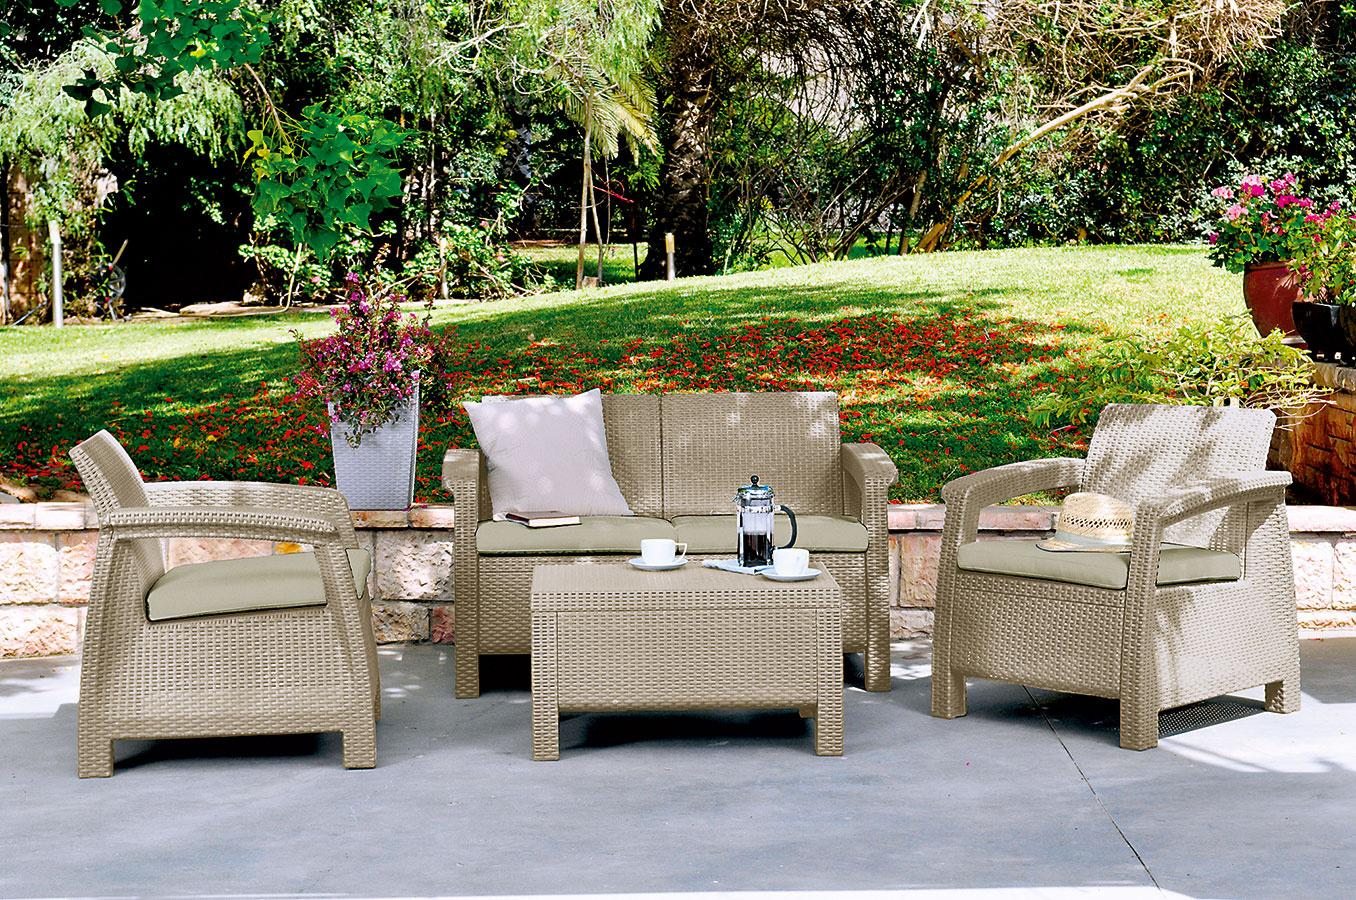 Poludňajšia káva. Súprava záhradného nábytku Corfu z kvalitného umelého ratanu skvelo poslúži, ak si chcete na terase dopriať napríklad šálku kávy. Jej súčasťou je dvojmiestna pohovka, stolík a dve kreslá v jemnom odtieni cappucino sand. V balení nechýbajú podložky pre maximálne pohodlie. (Predáva Hornbach.)